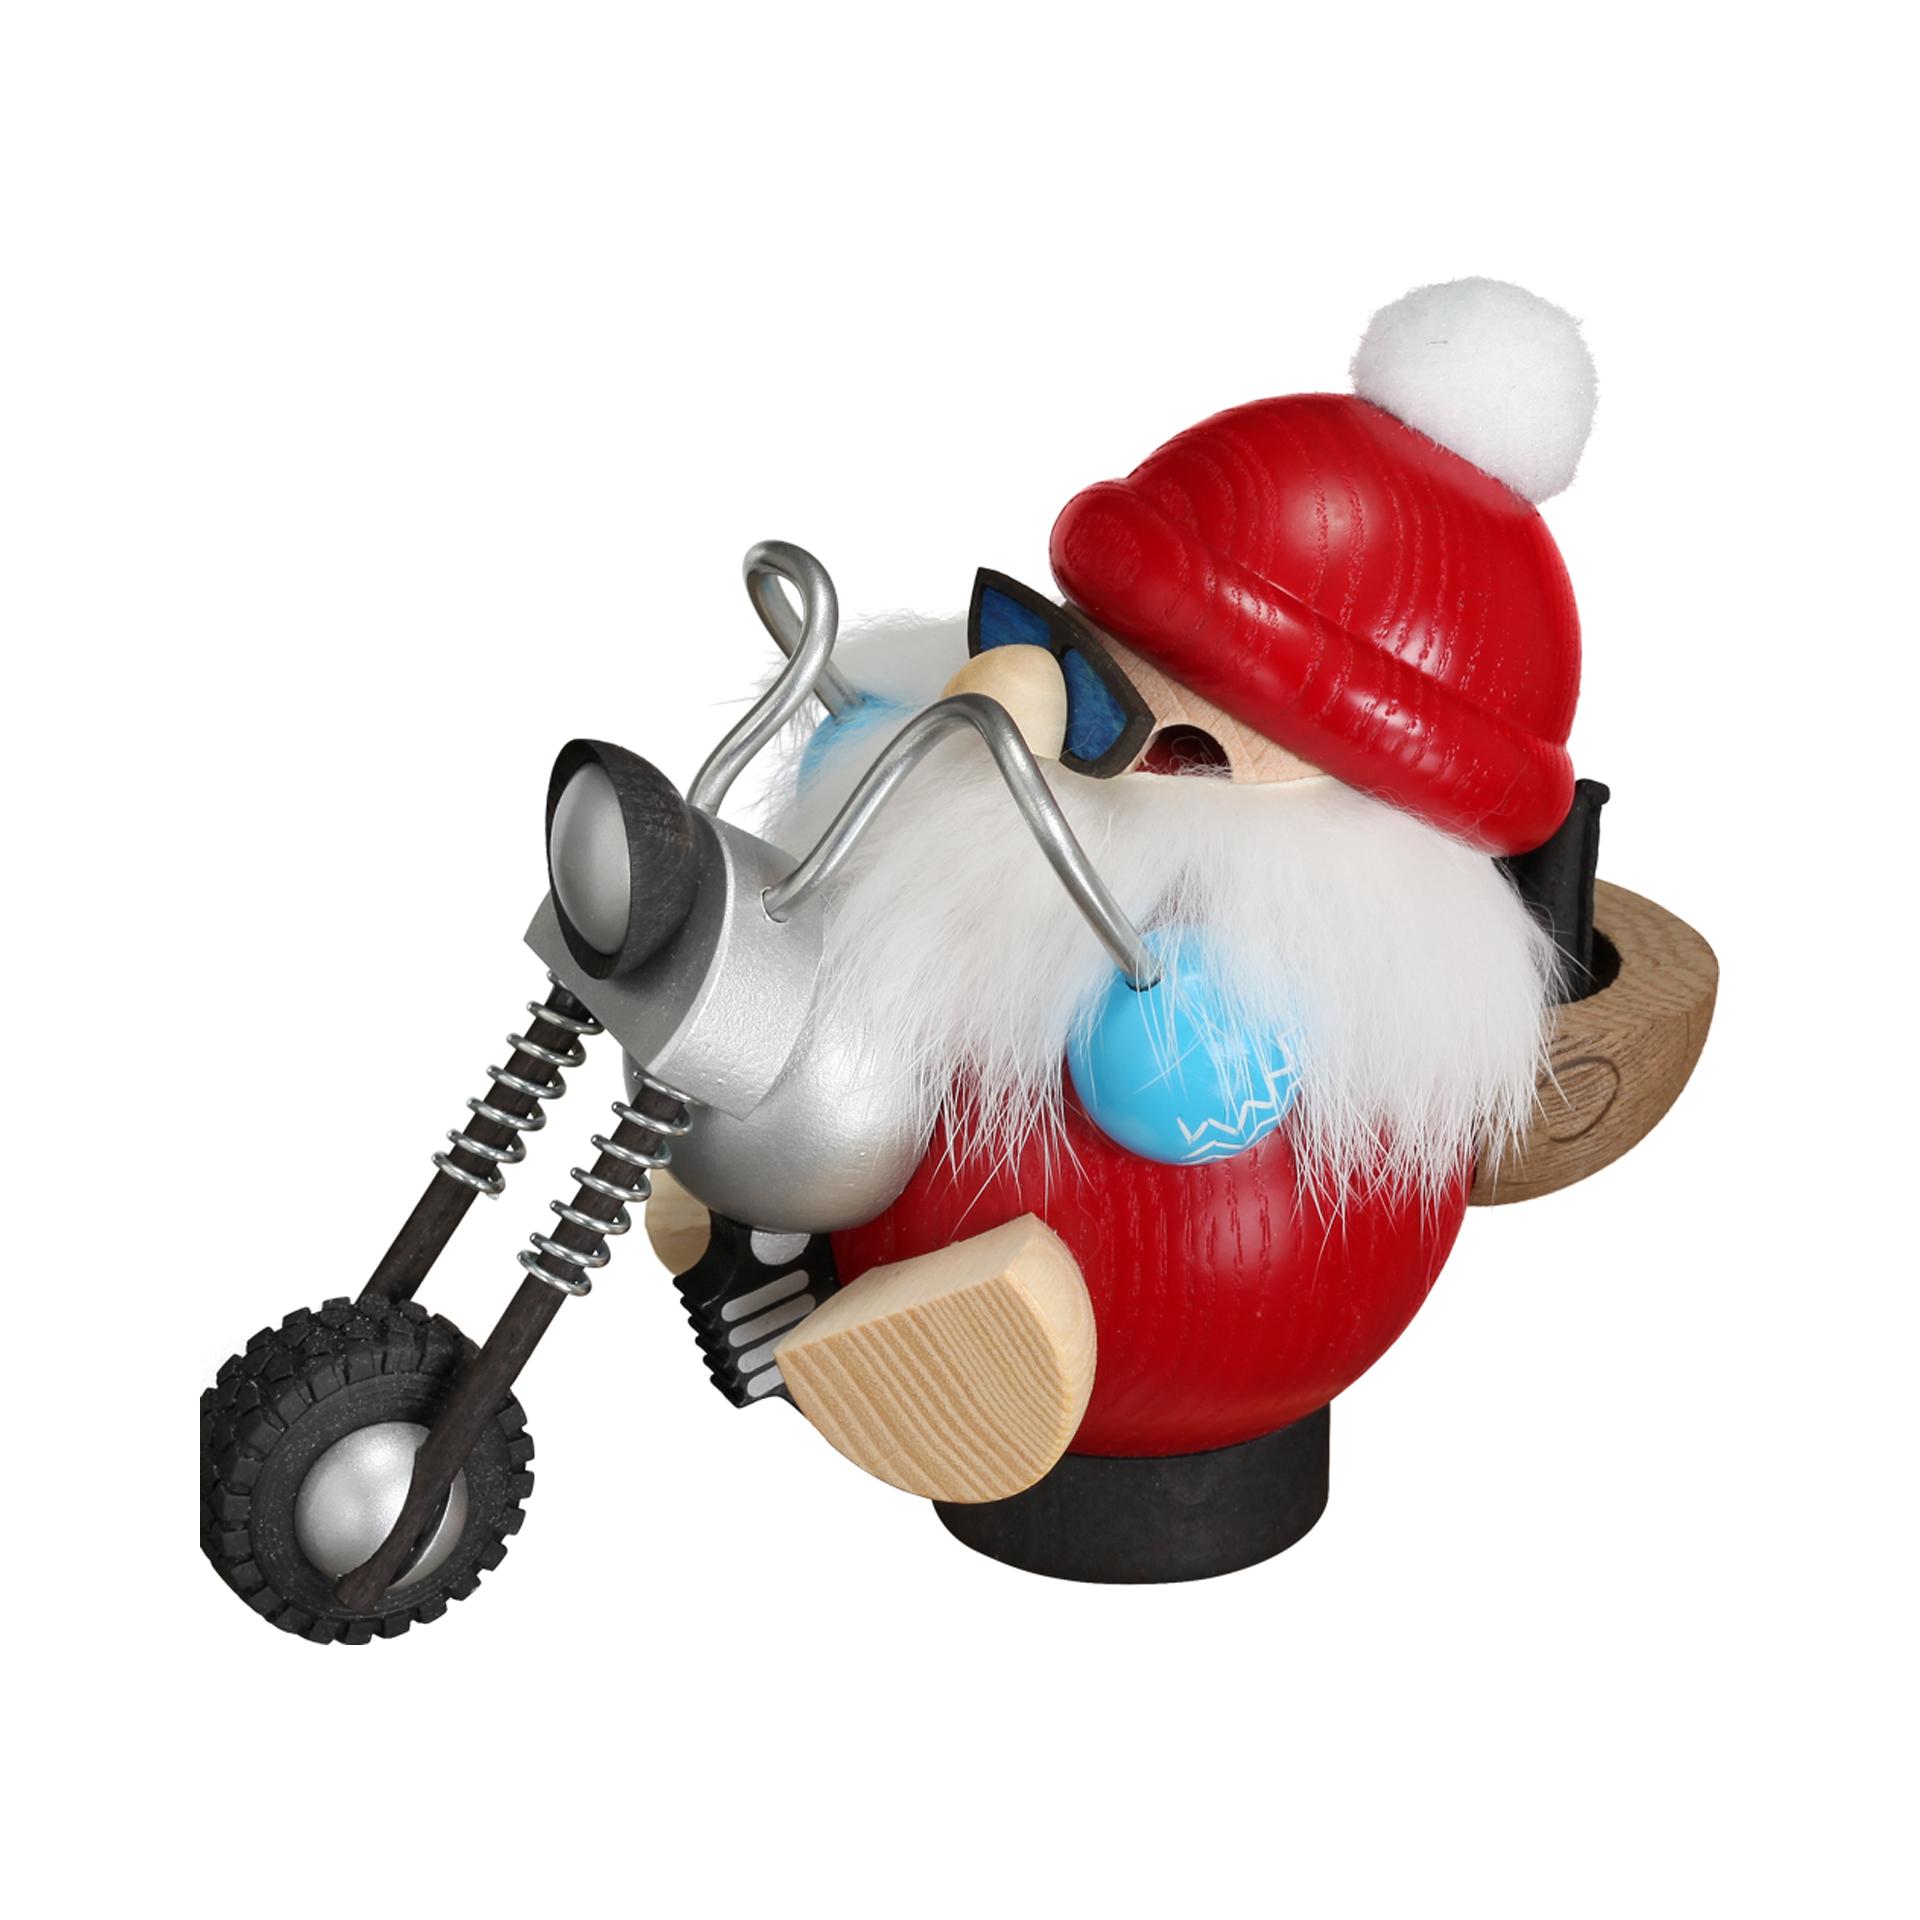 Rauchfigur Nikolaus mit Motorrad